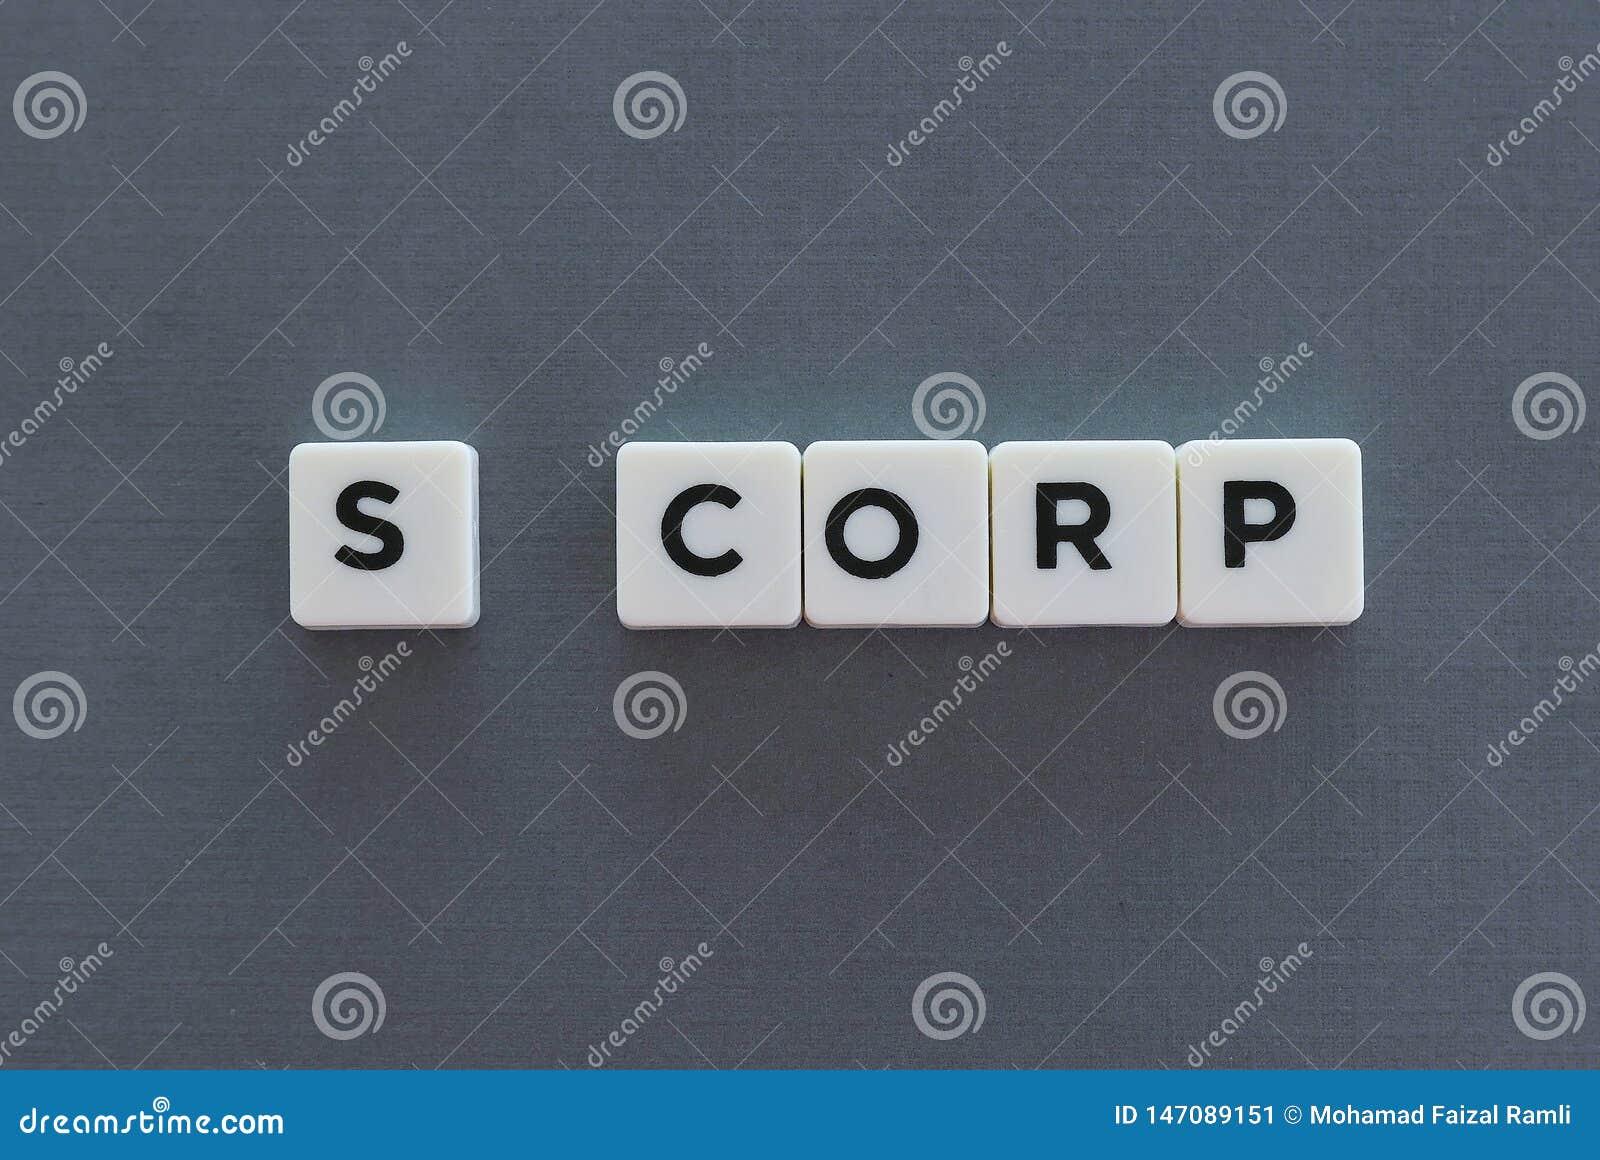 S Corp woord van vierkant brievenwoord wordt gemaakt op grijze achtergrond die